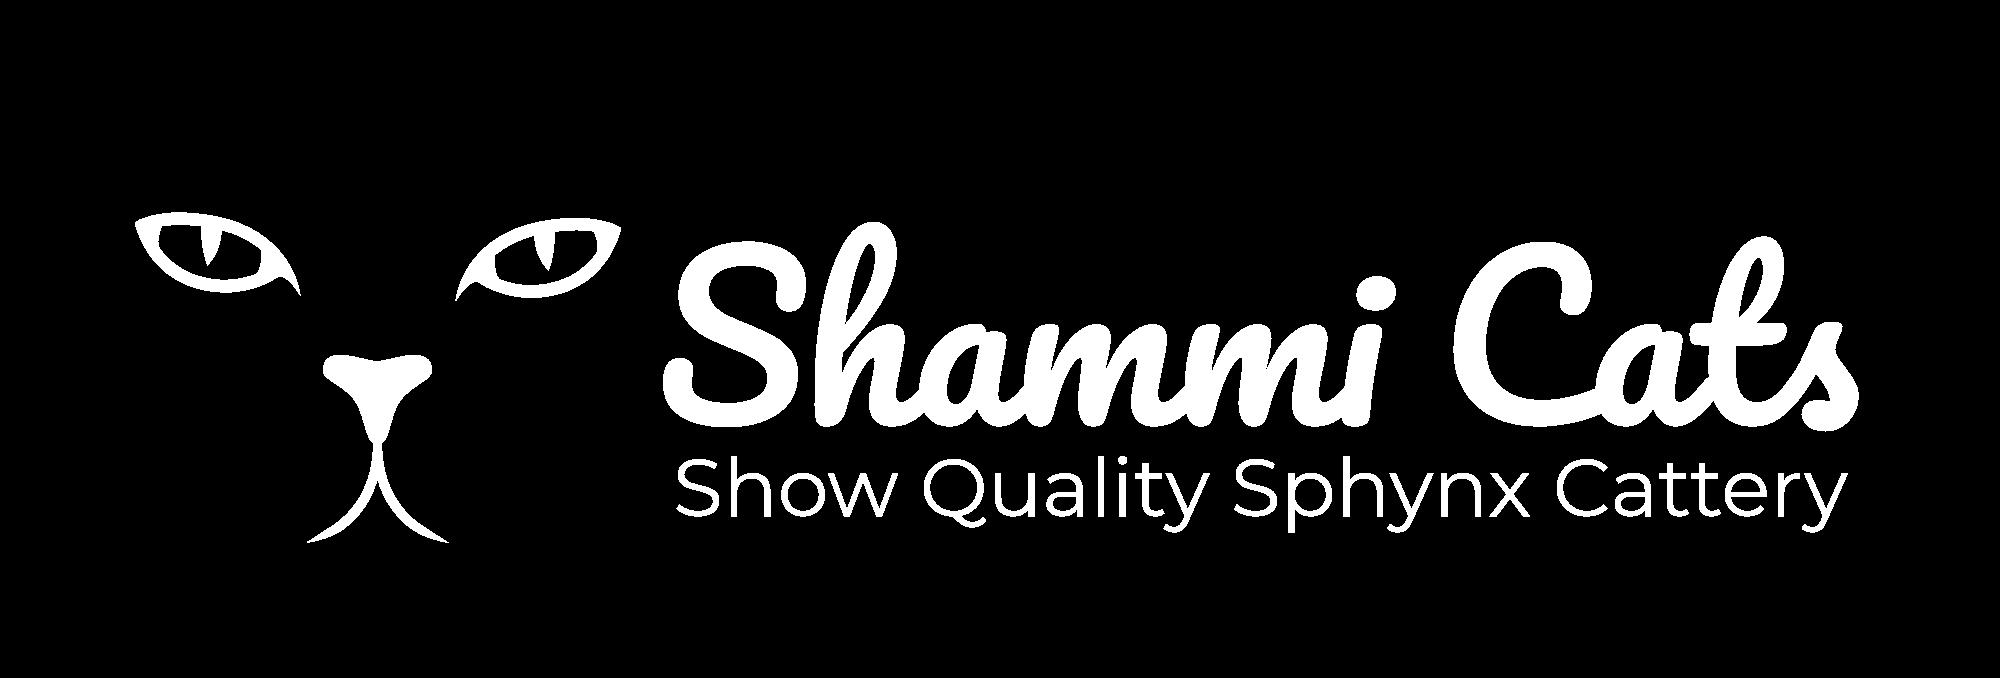 Shammi Sphynx Cats - white logo